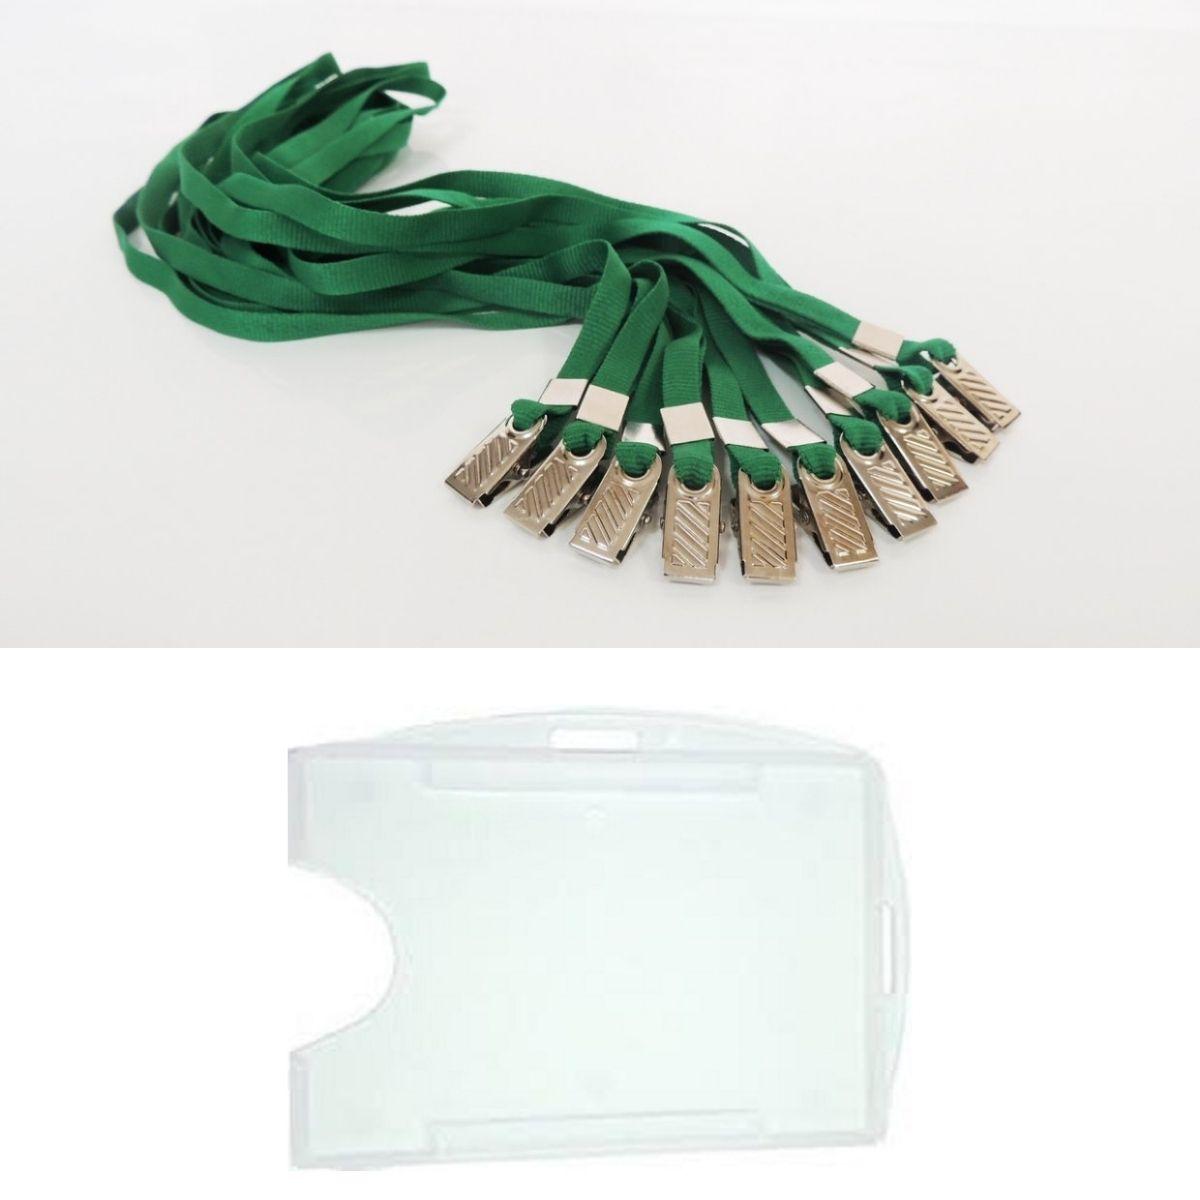 Kit Porta Crachá Rígido Conjugado Cristal + Cordão Verde - 100 unidades  - Click Suprimentos